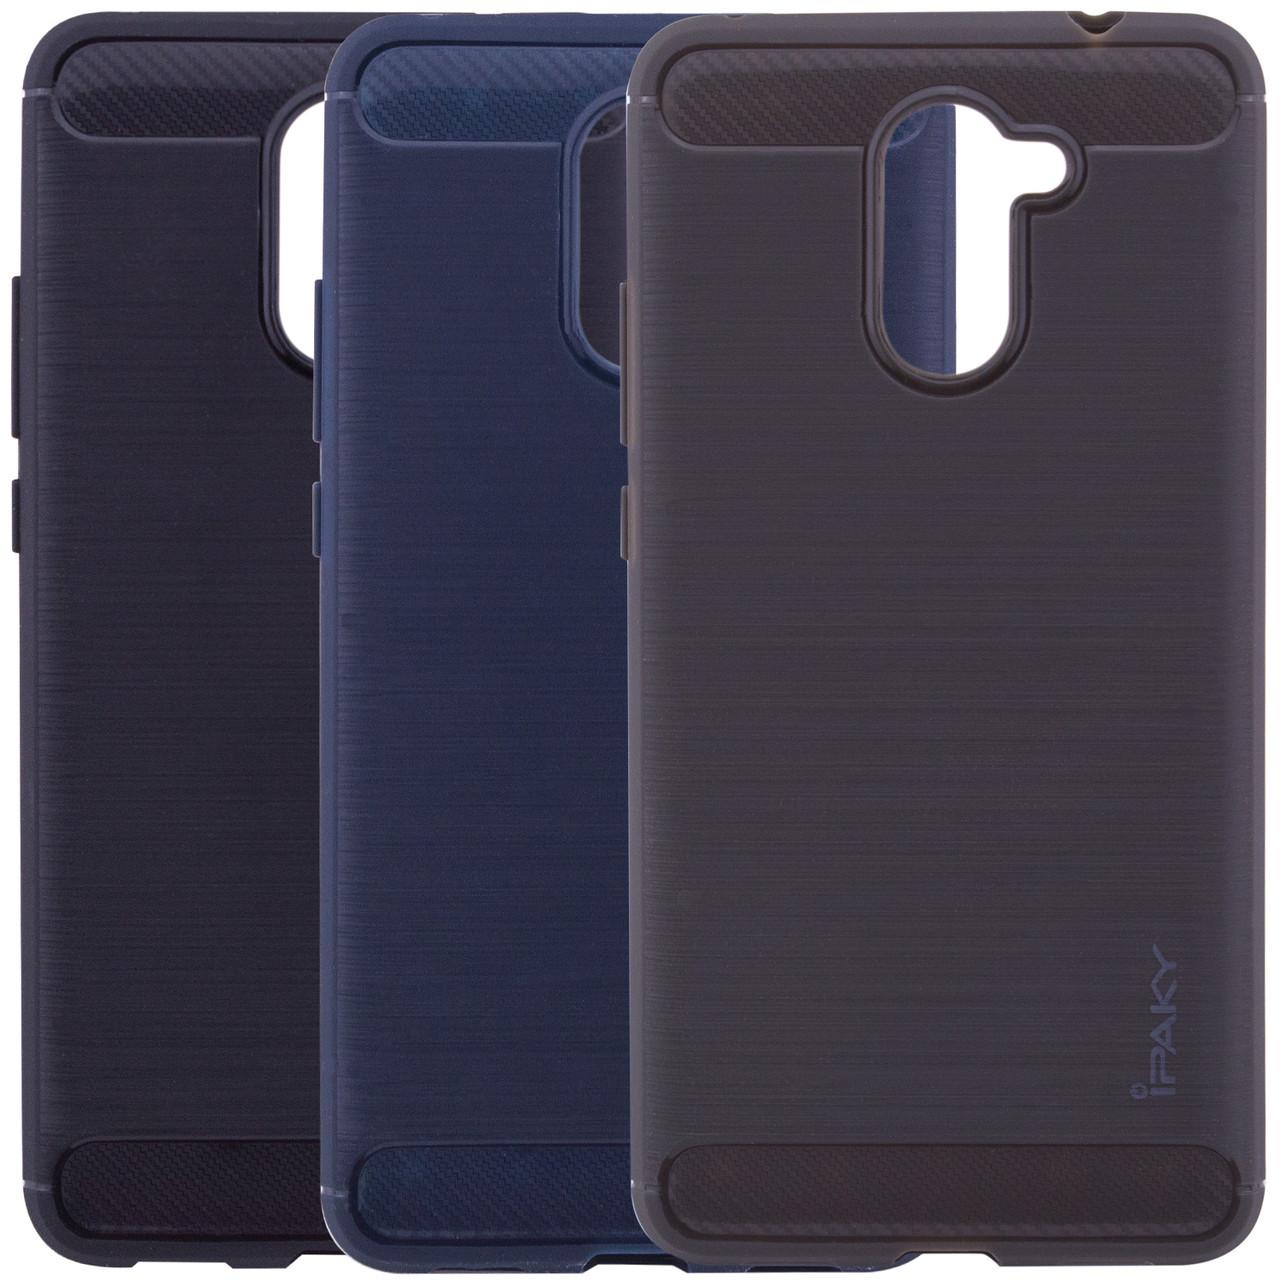 TPU чехол iPaky Slim Series для Huawei Y7 Prime